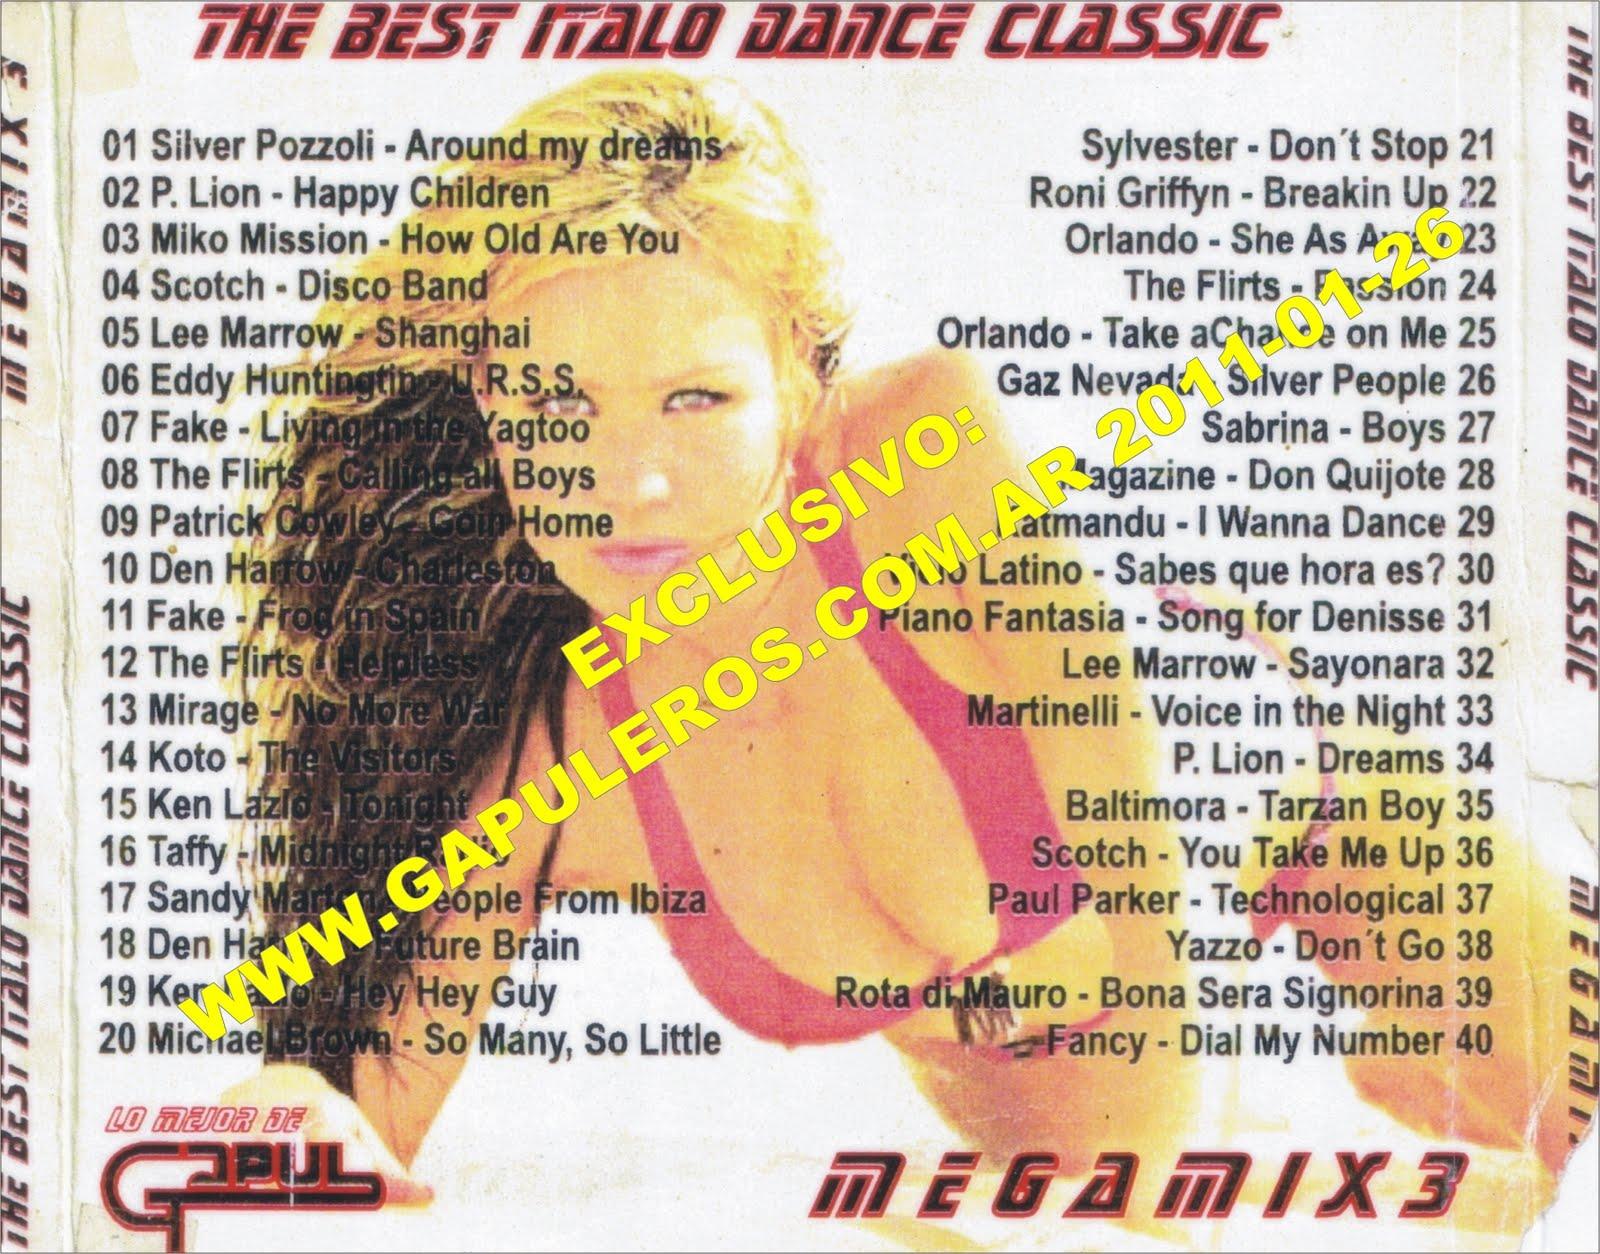 Lo Mejor De Gapul 40 Temas In The Mix Vol 3 (Version CD)